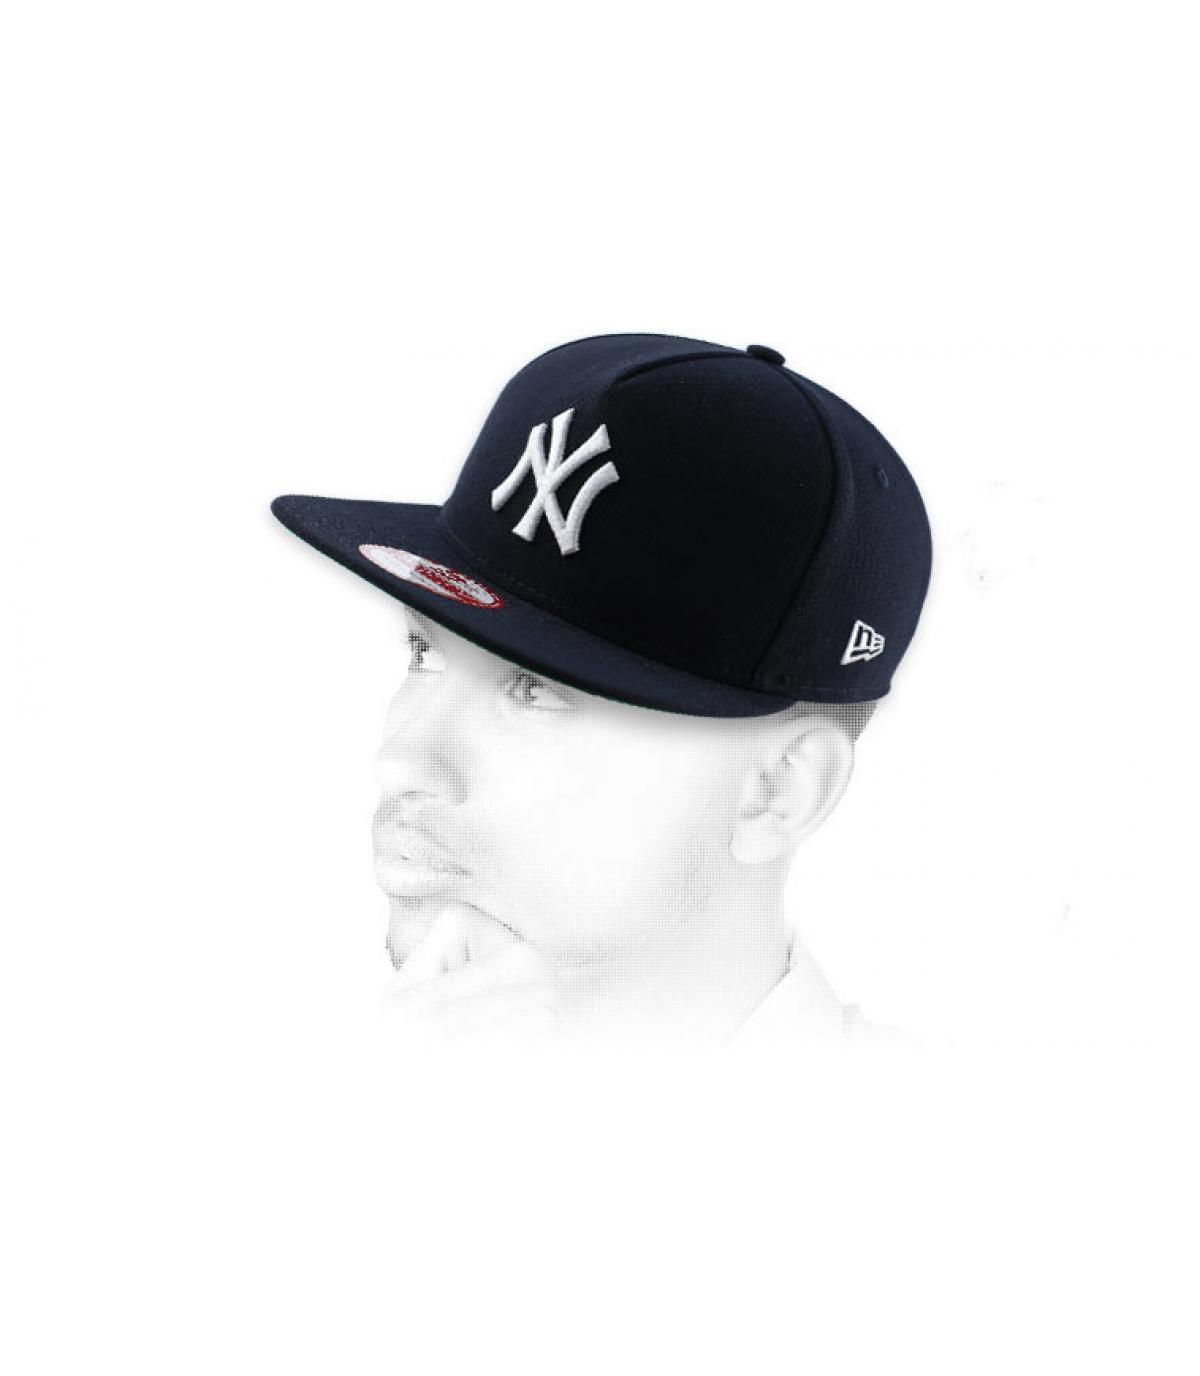 Snapback NY marineblau